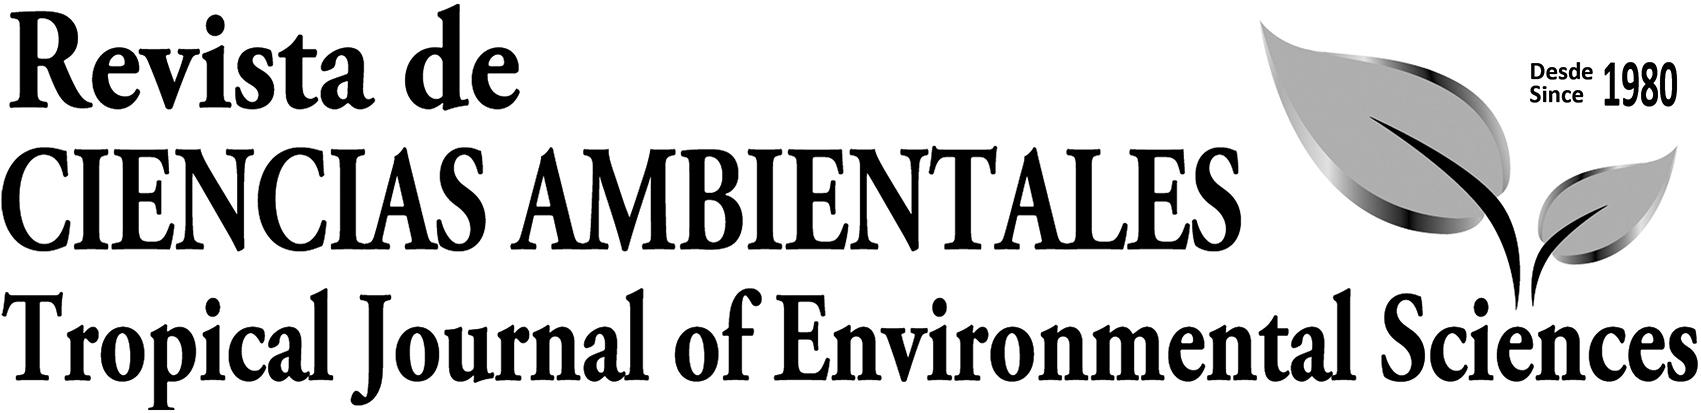 revista_ambientales